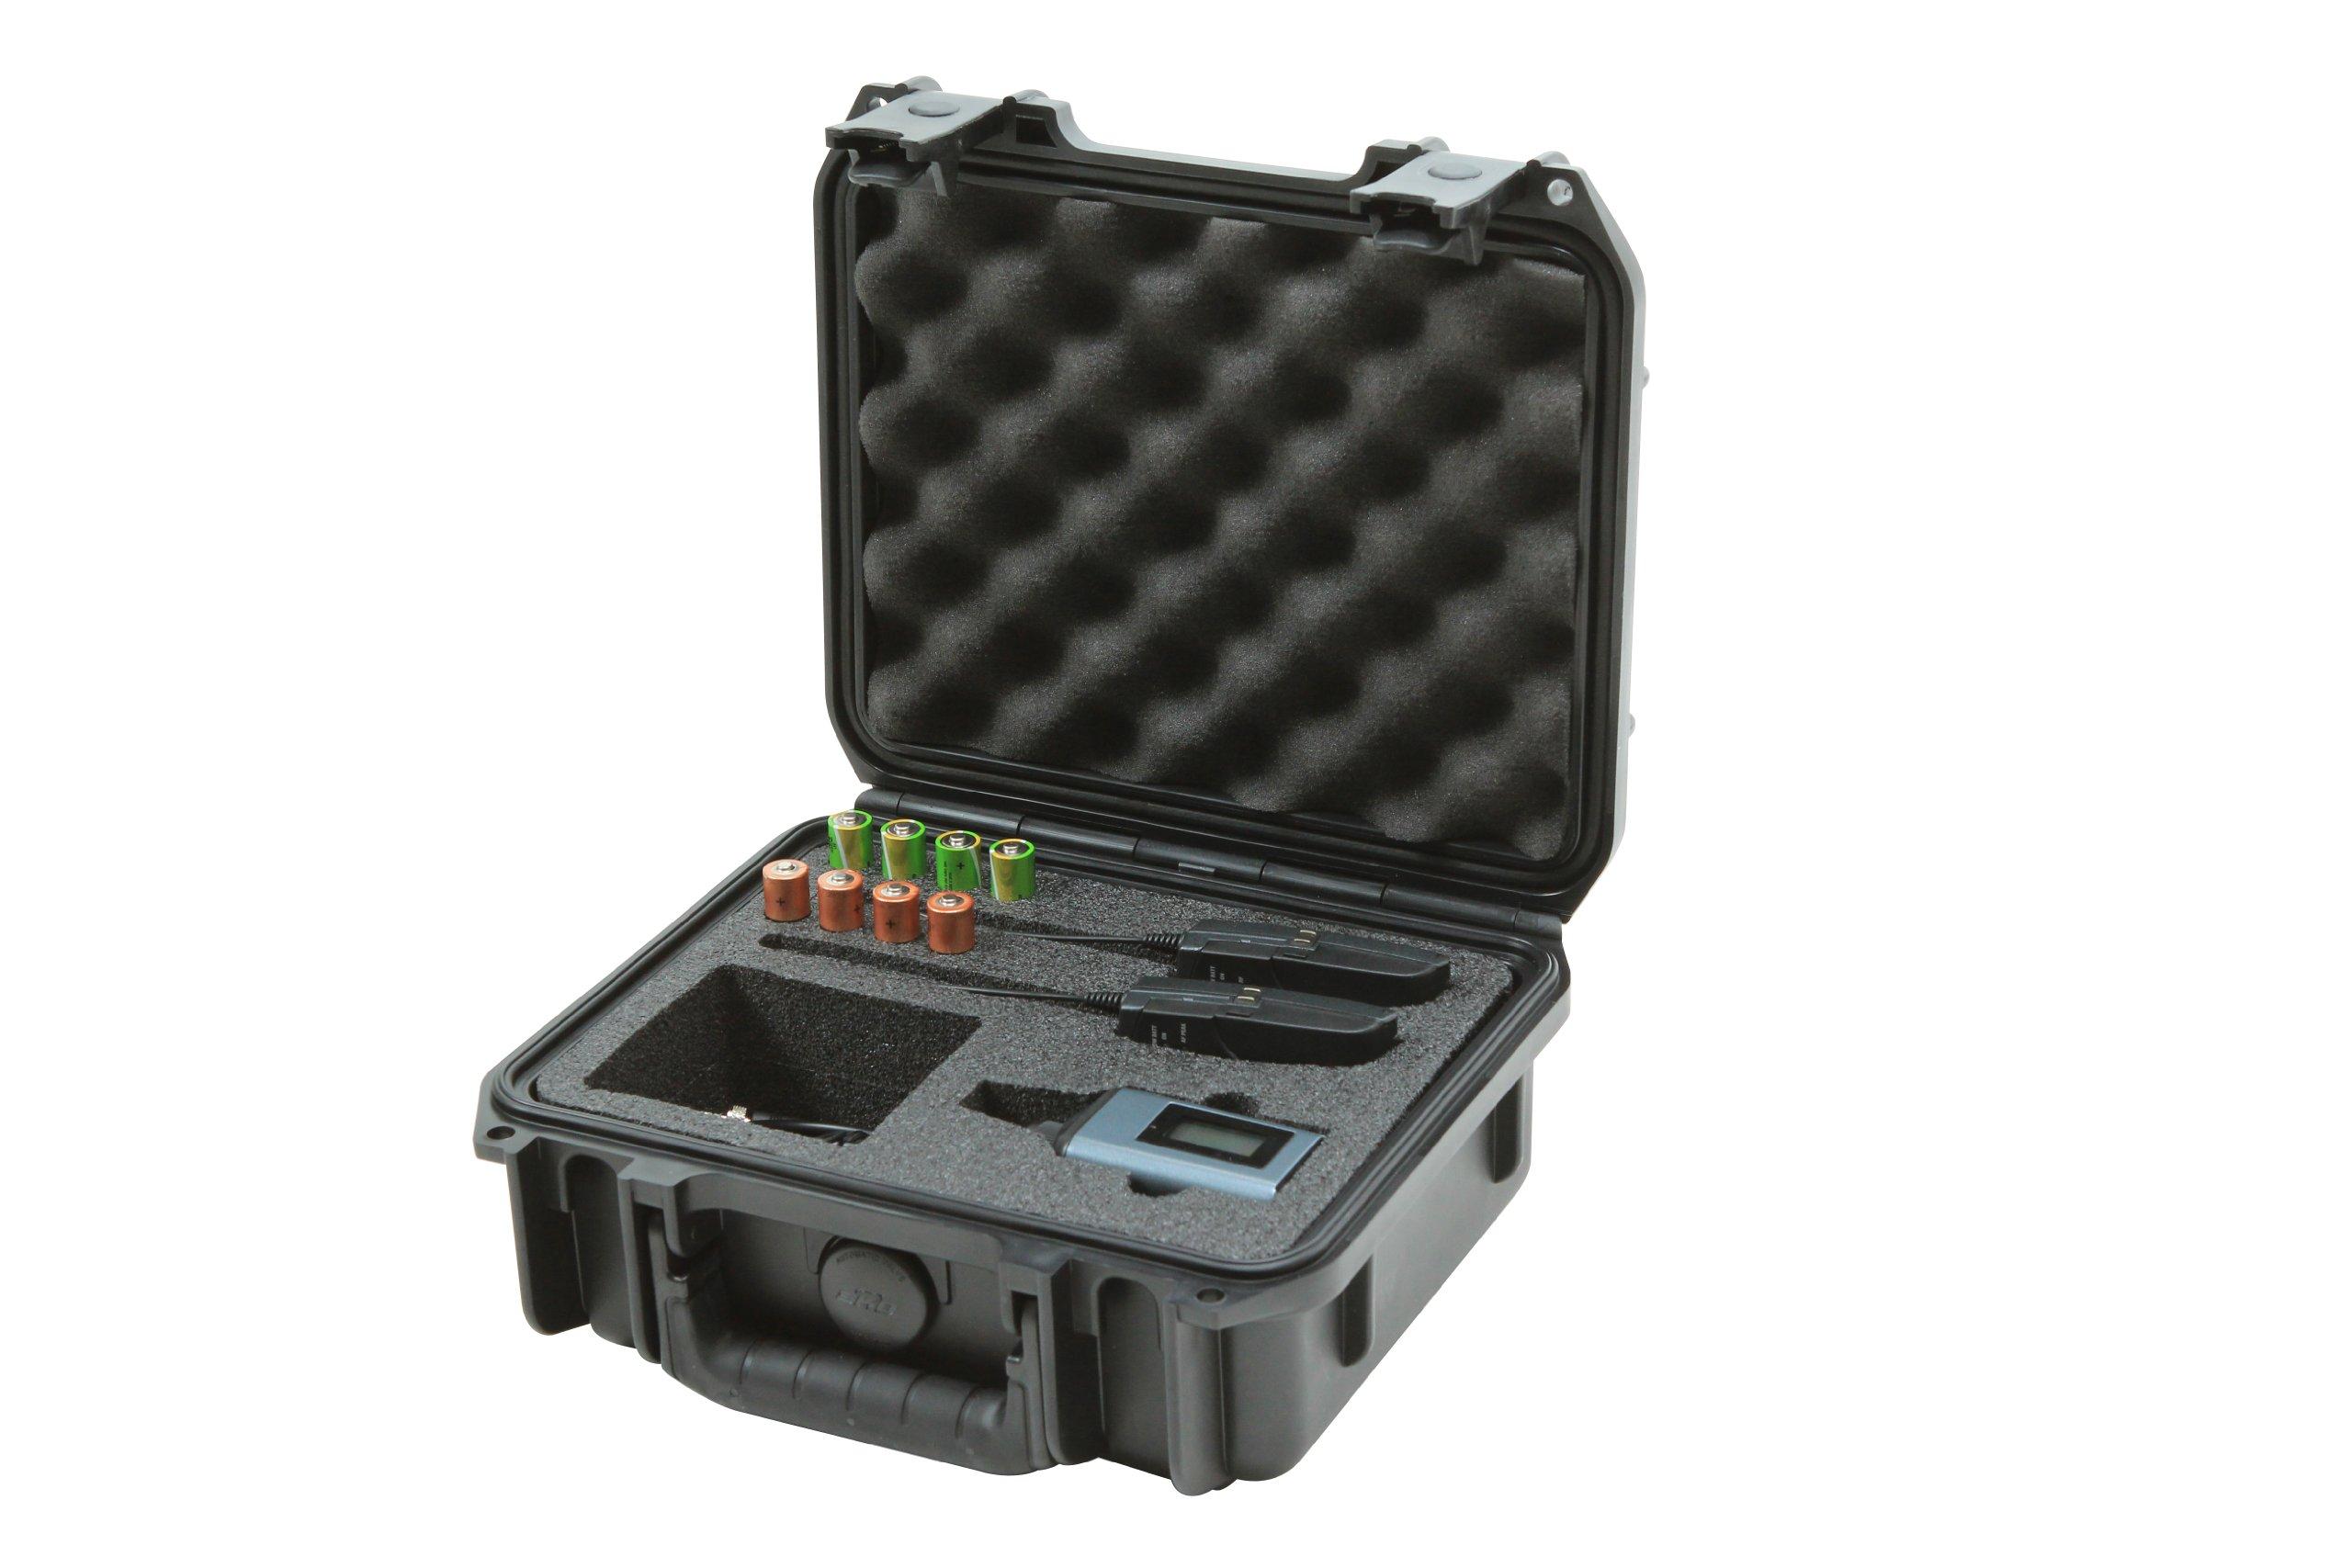 SKB 3I0907-4-SWK iSeries Injection Molded Case for Sennheiser SW Wireless Mic Series